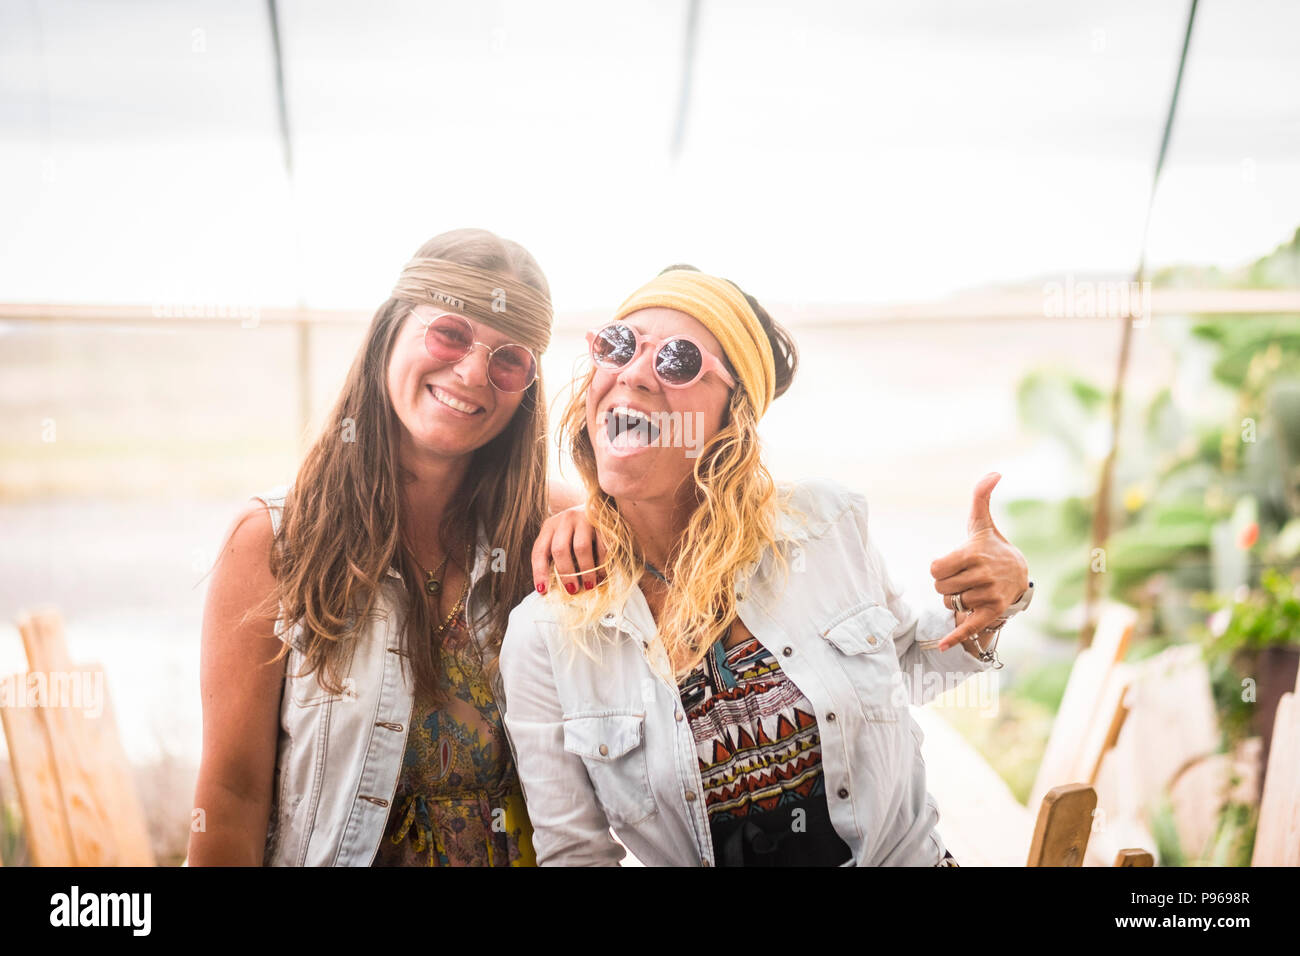 Par de hembras loco amigos Diviértete y disfruta el estilo de vida hippy viejo estilo retro vistiendo ropa y accesorios de moda y amistad para jóvenes c Imagen De Stock